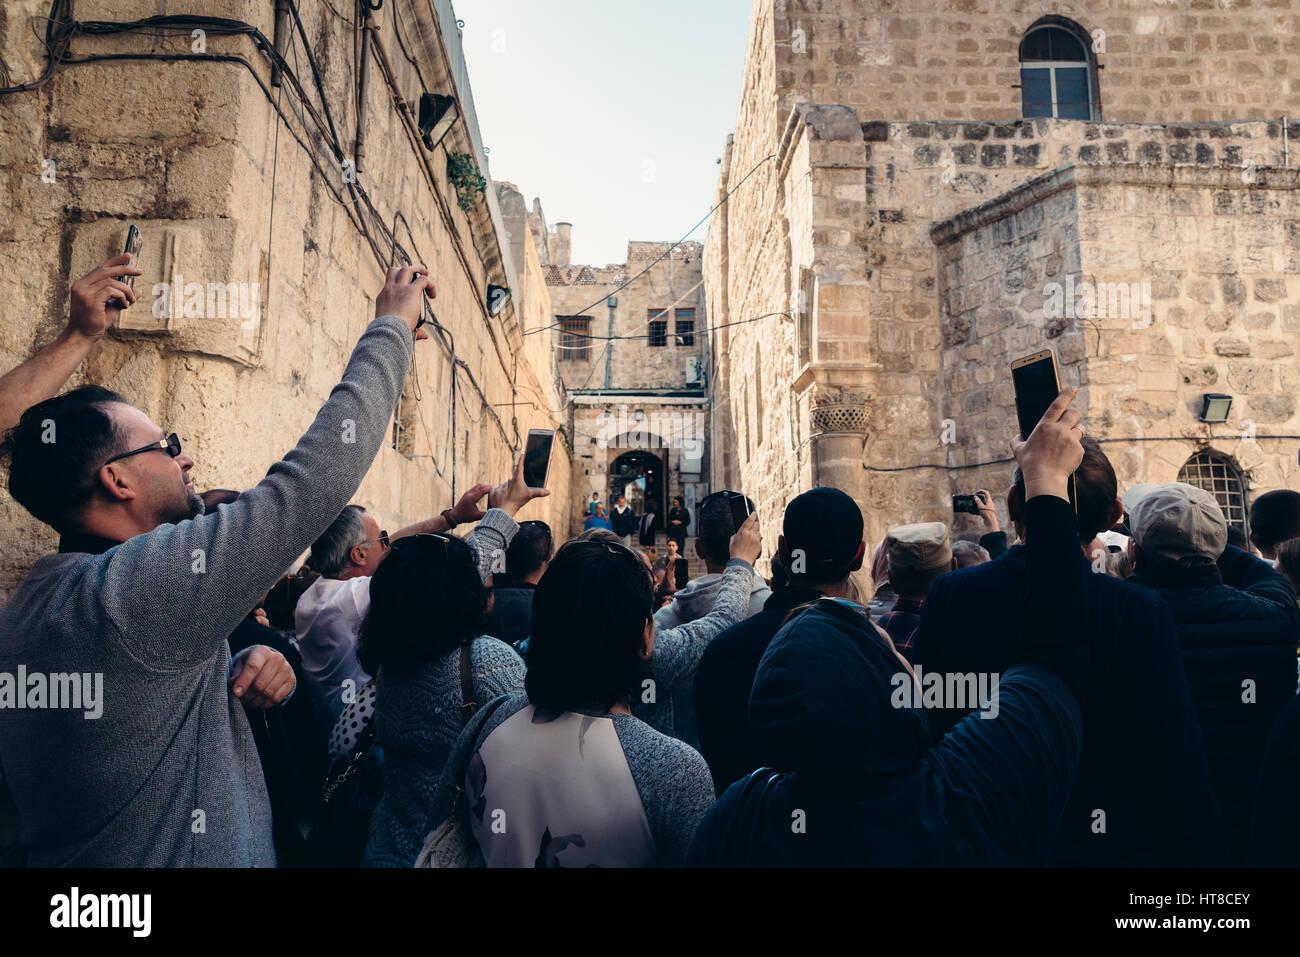 Los turistas y lugareños en la ciudad vieja de Jerusalén, Israel Imagen De Stock